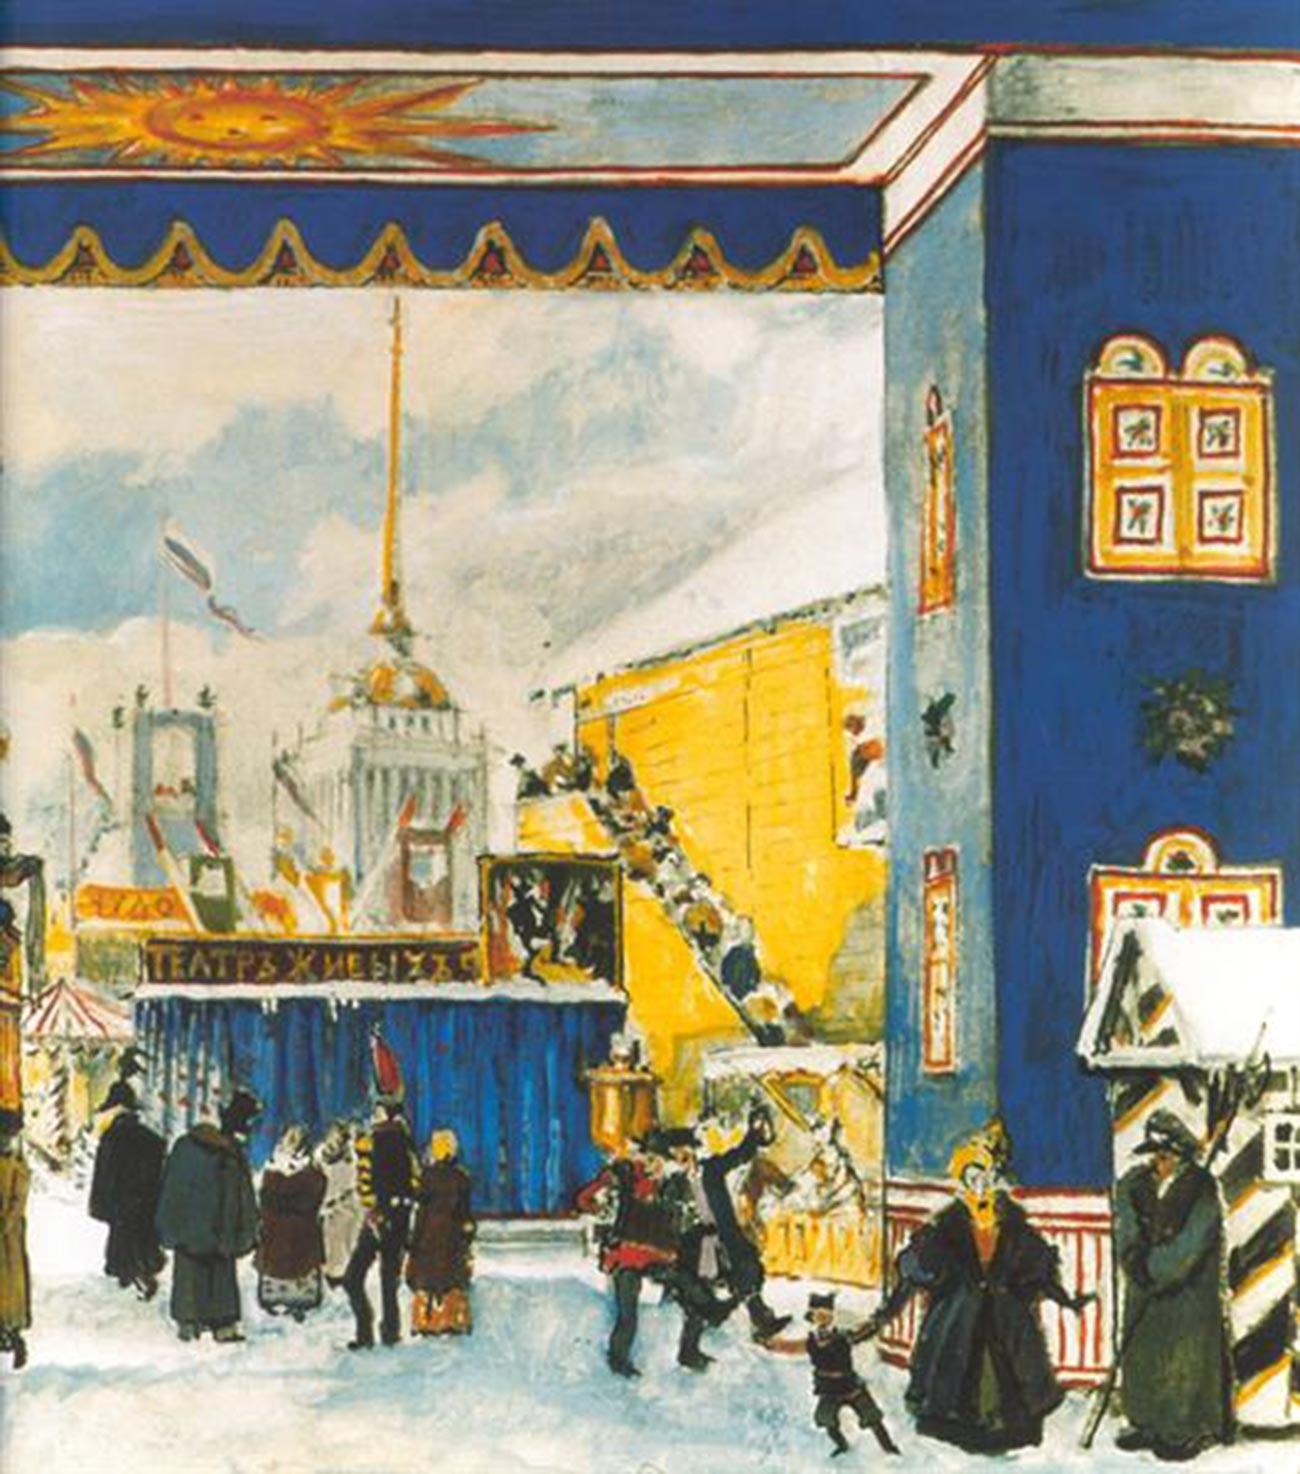 ペテルブルクのマースレニツァ(バター祭り)、フラグメント、舞台装飾のデッサン、1911年